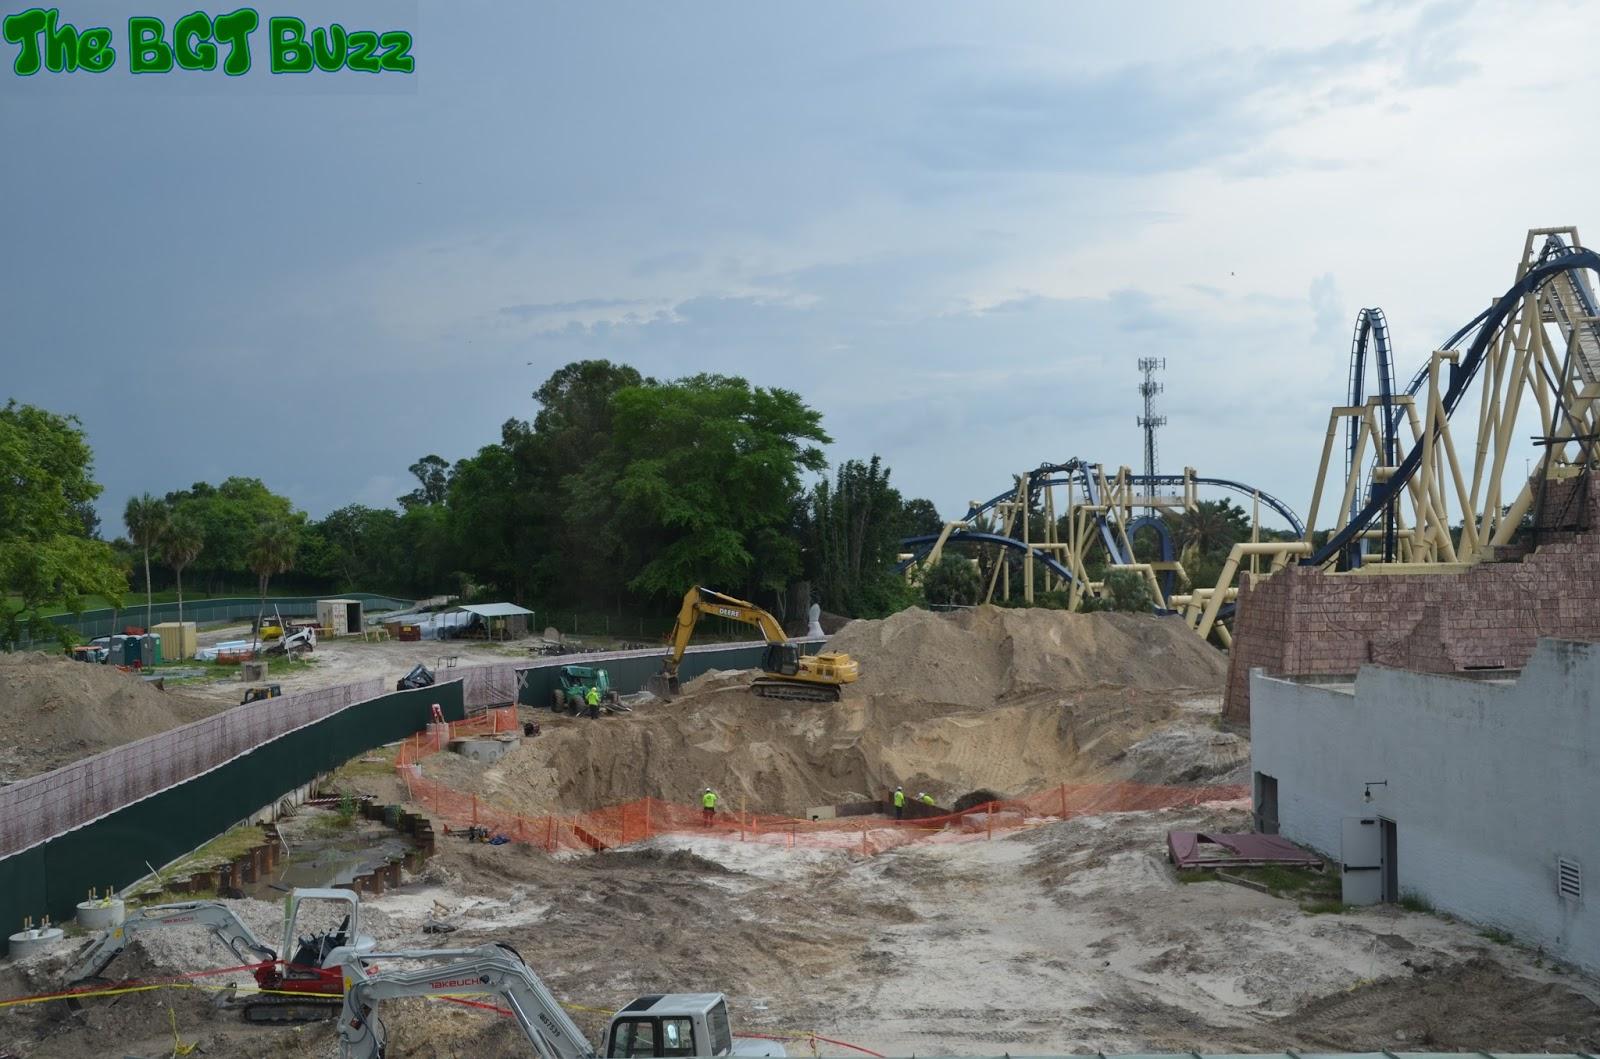 The Bgt Buzz Busch Gardens Tampa Project 2016 Construction